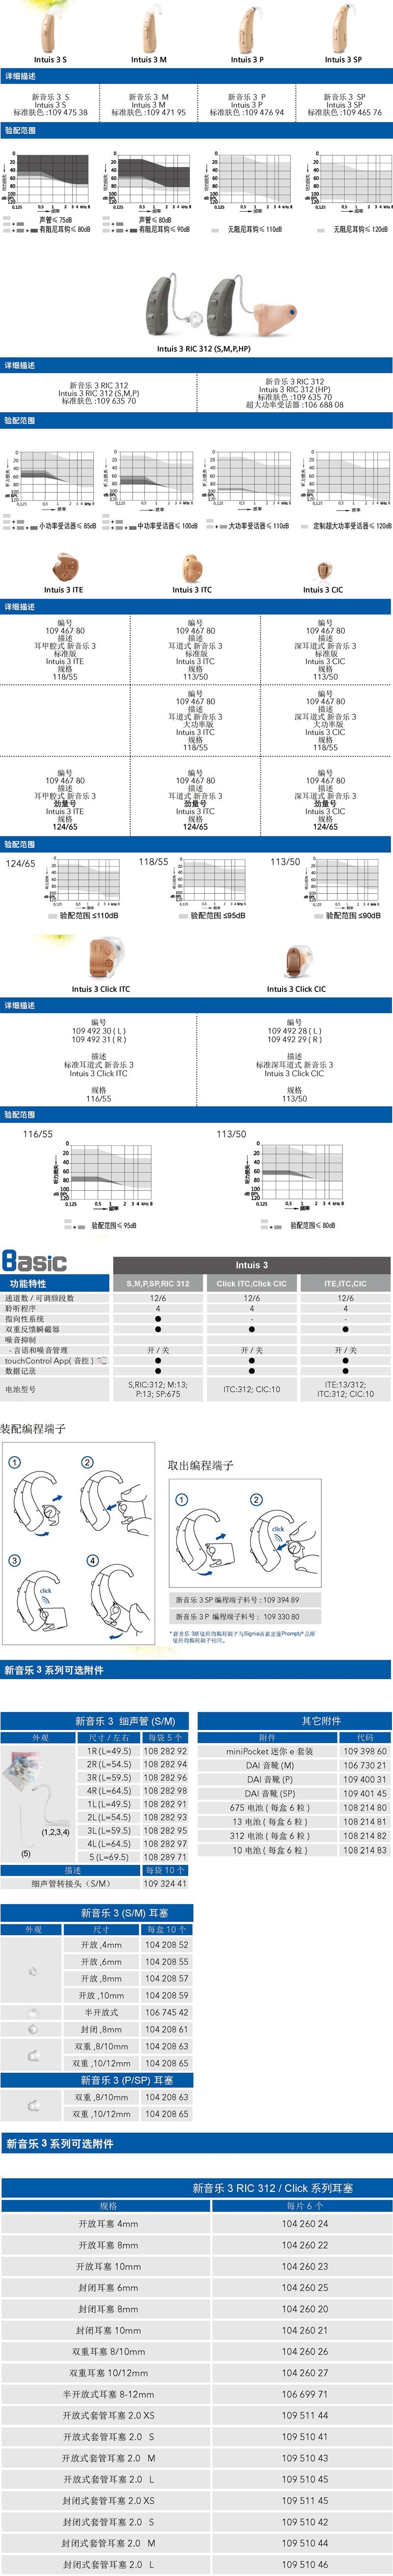 �虹�骞冲�版�伴�充�?.png